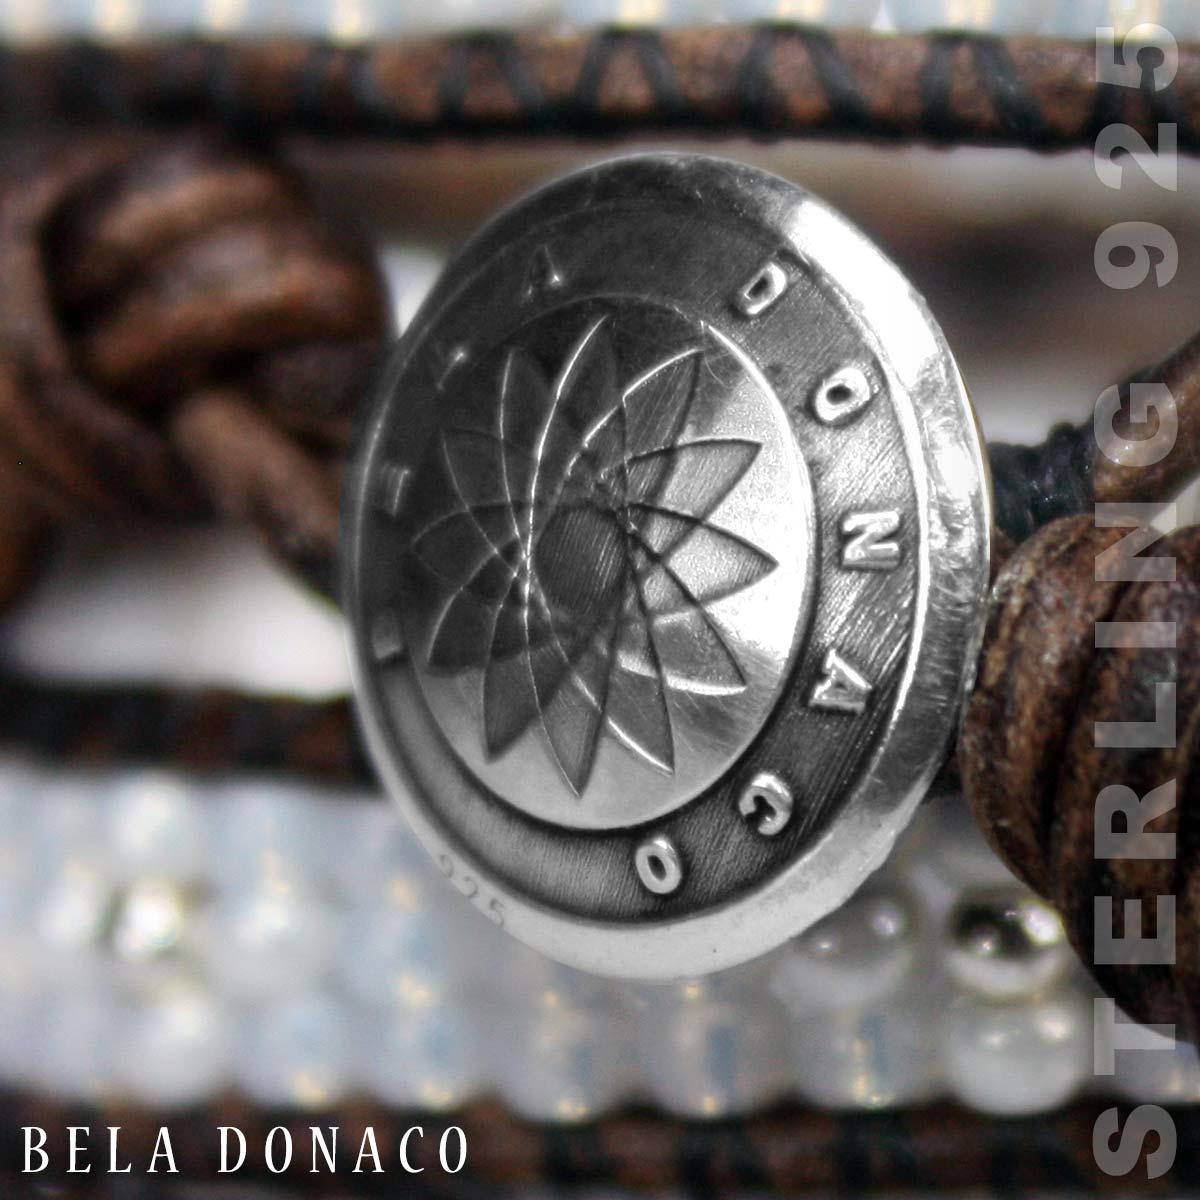 Authentieke Sterling Zilveren Bela Donaco knoop